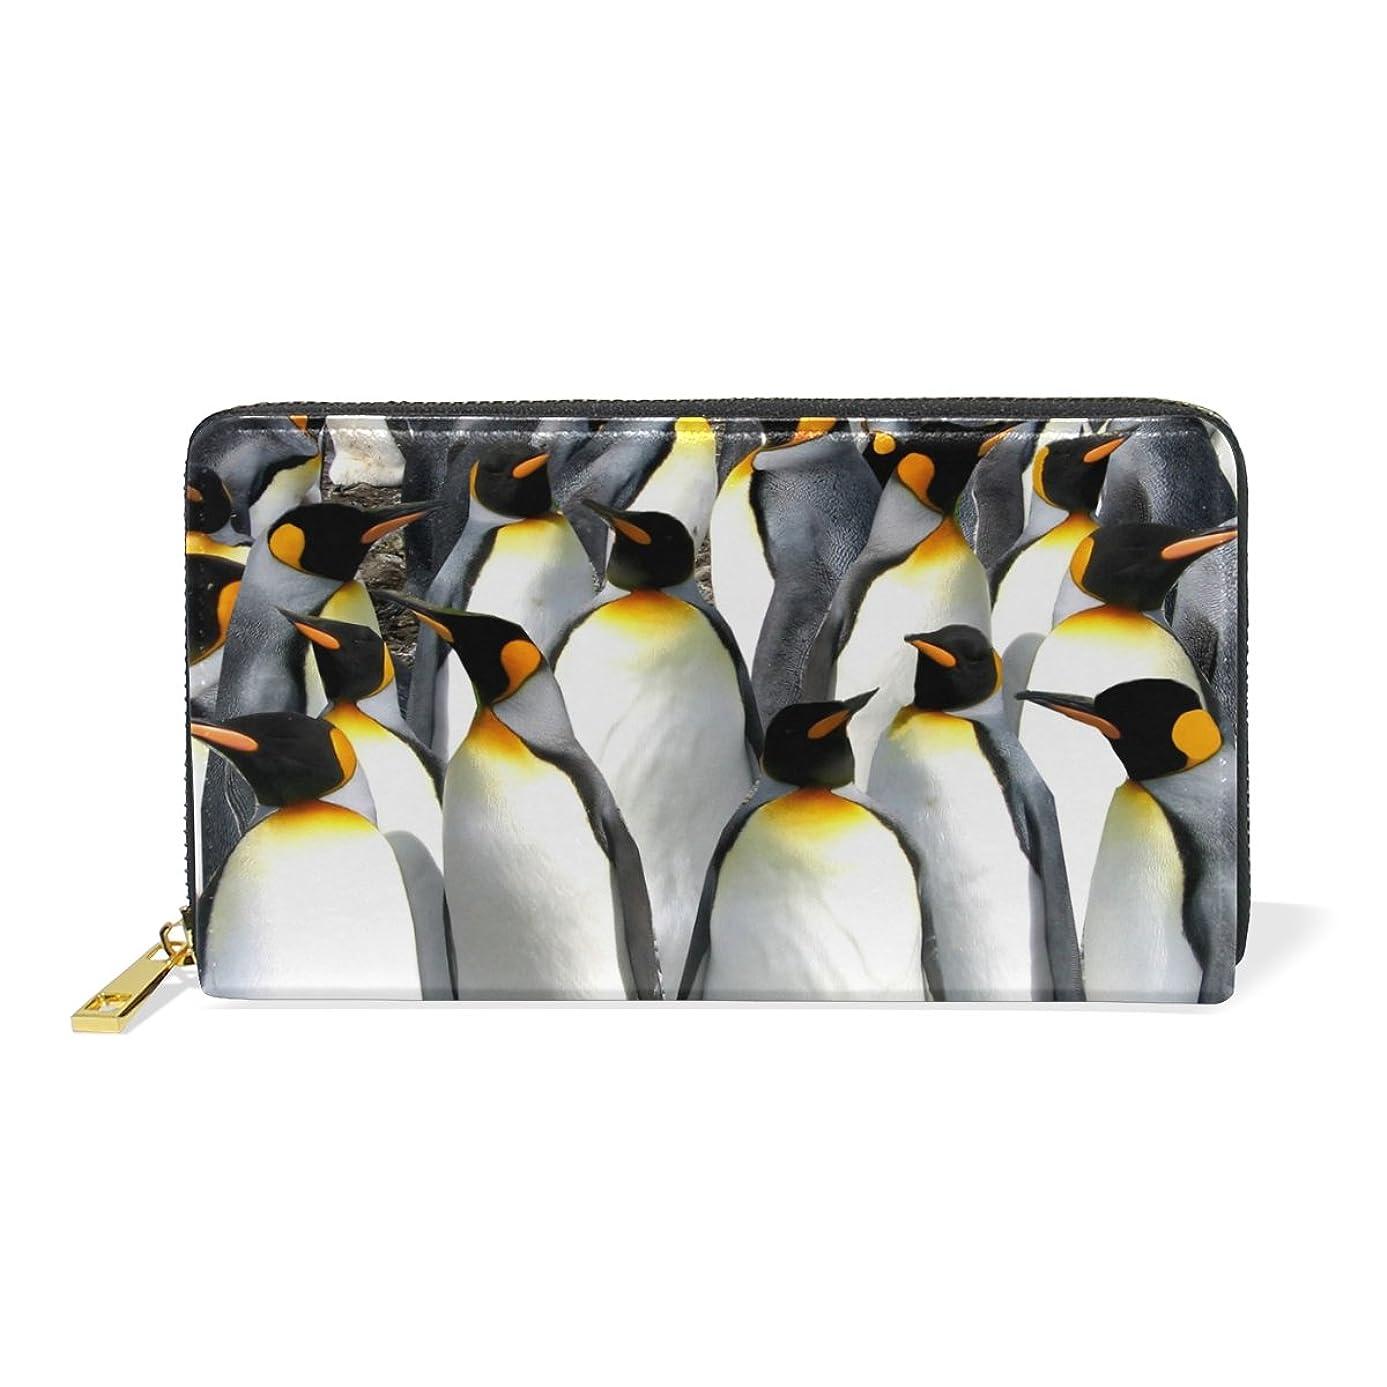 分類かんたん援助するAOMOKI 財布 長財布 本革 大容量 ラウンドファスナー ペンギン